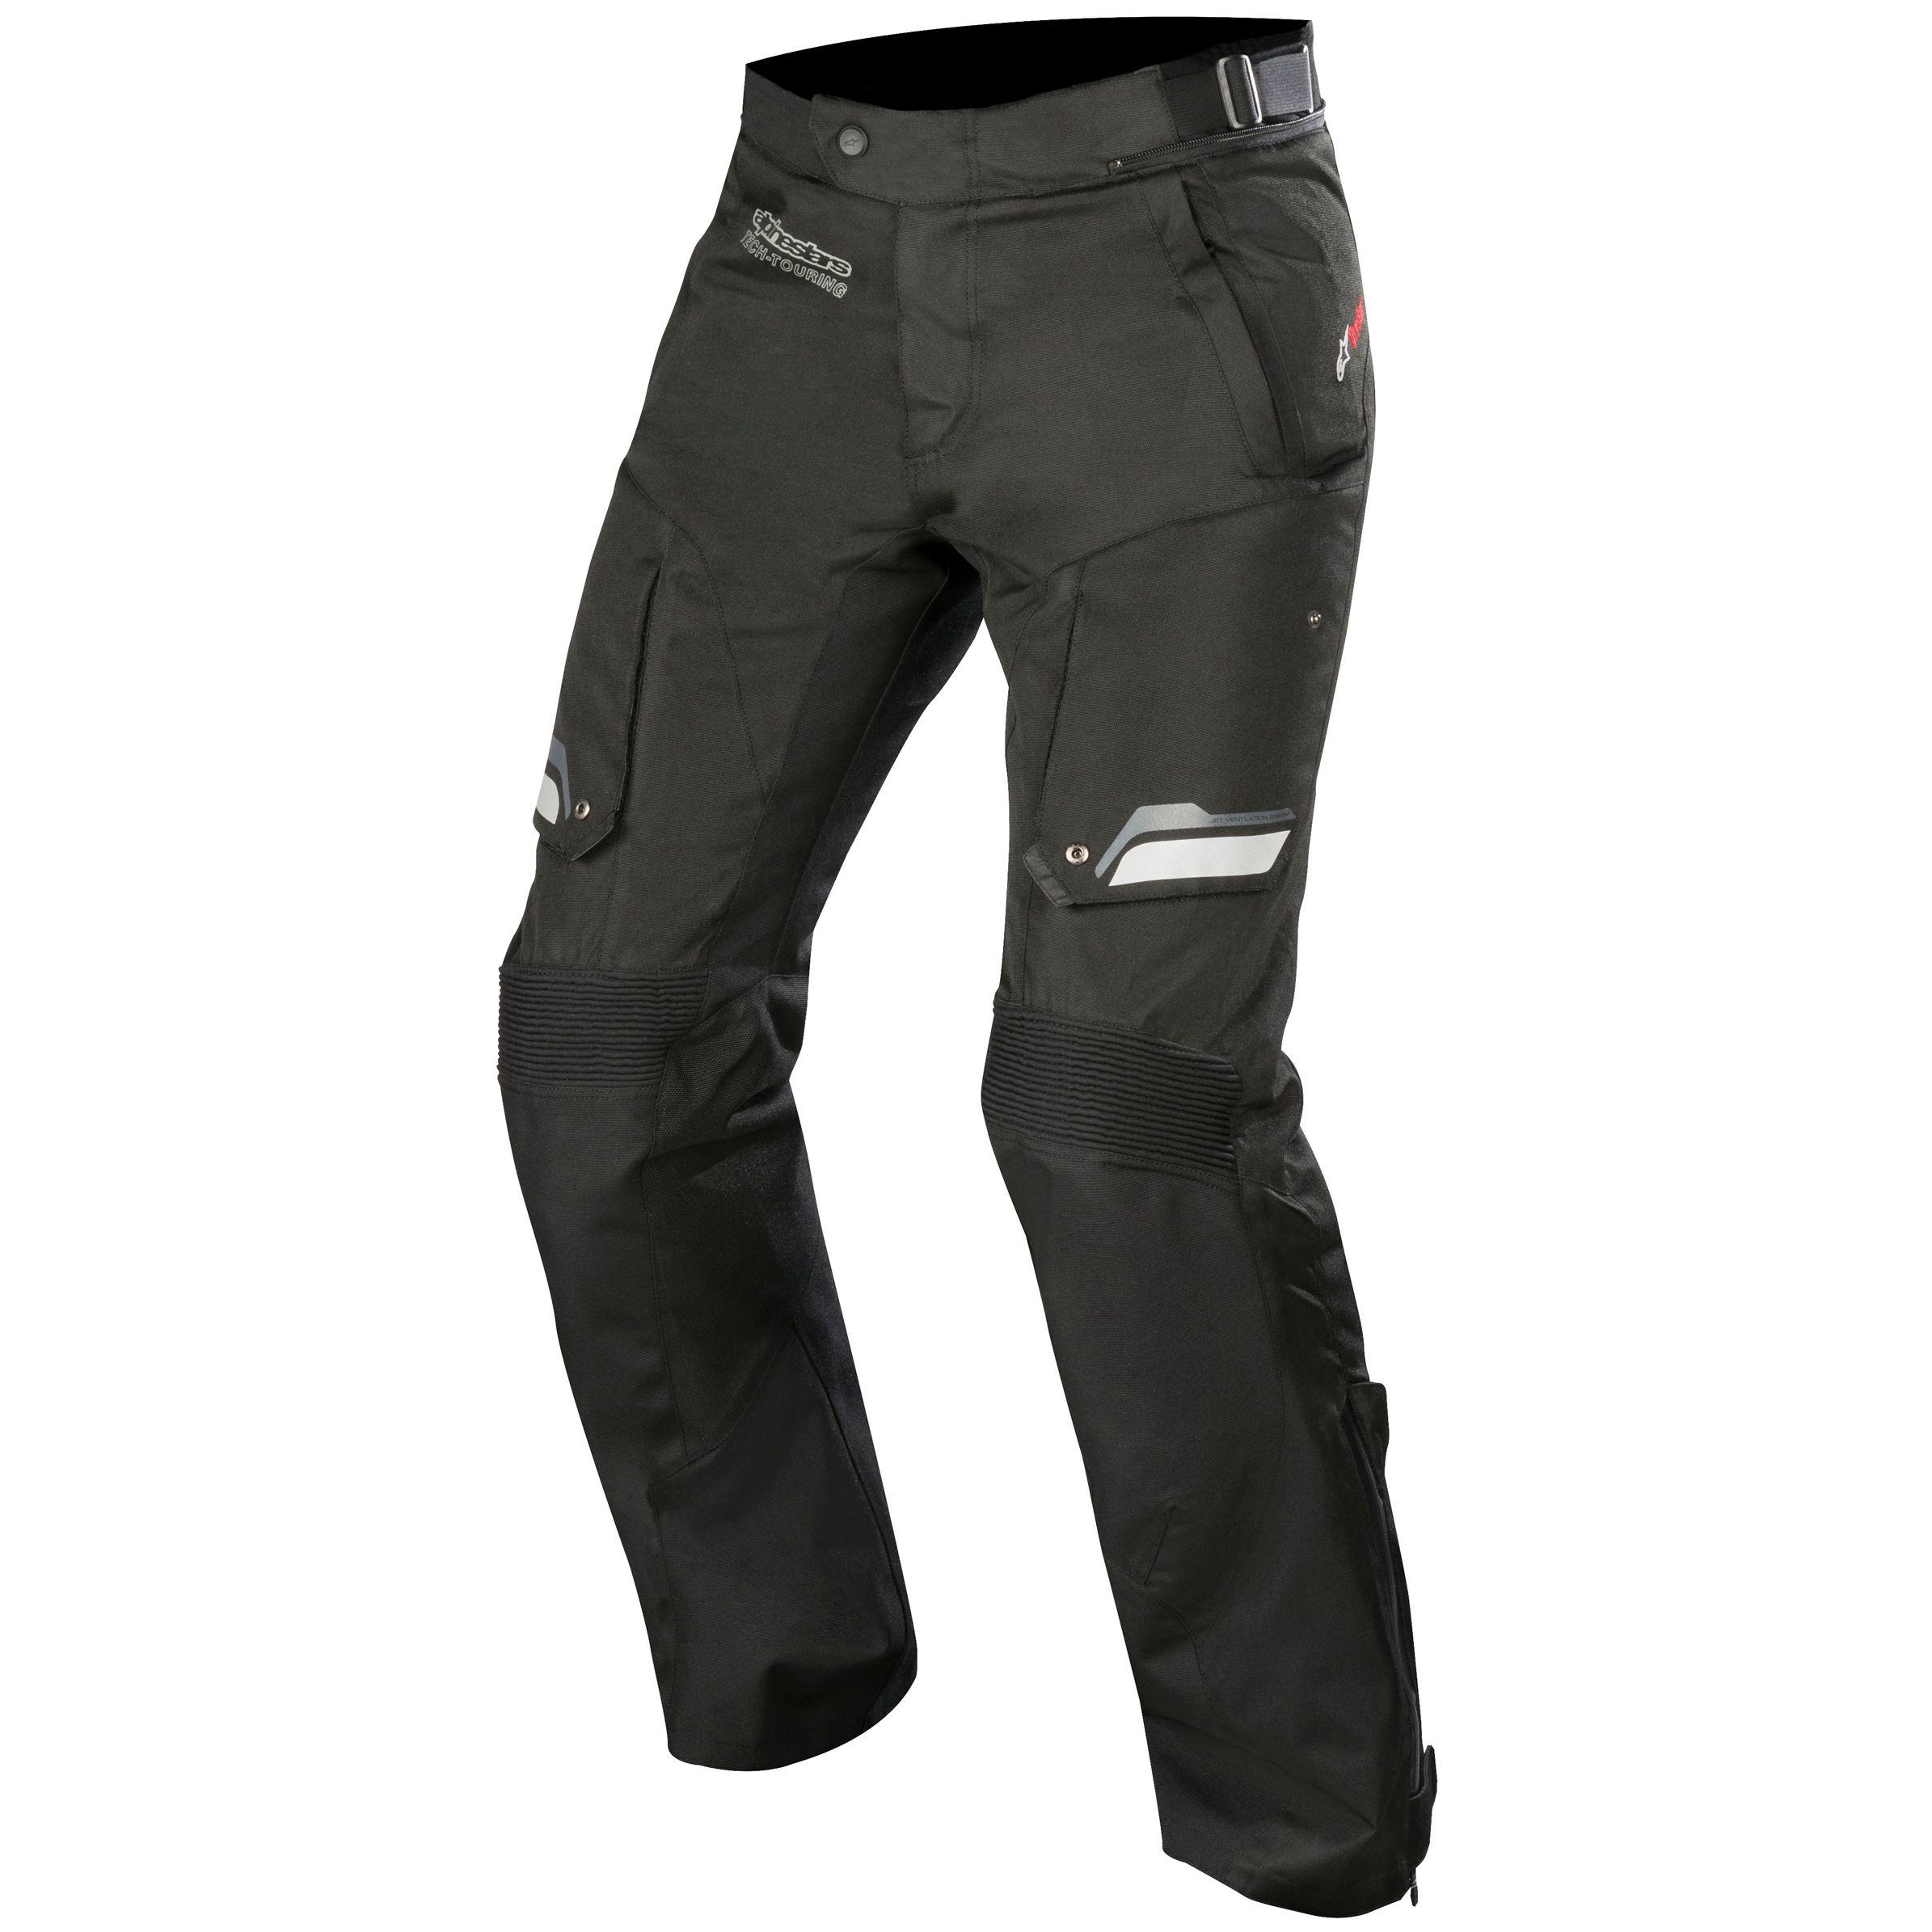 Pantalon Alpinestars Bogota V2 Drystar Version Jambes Longues